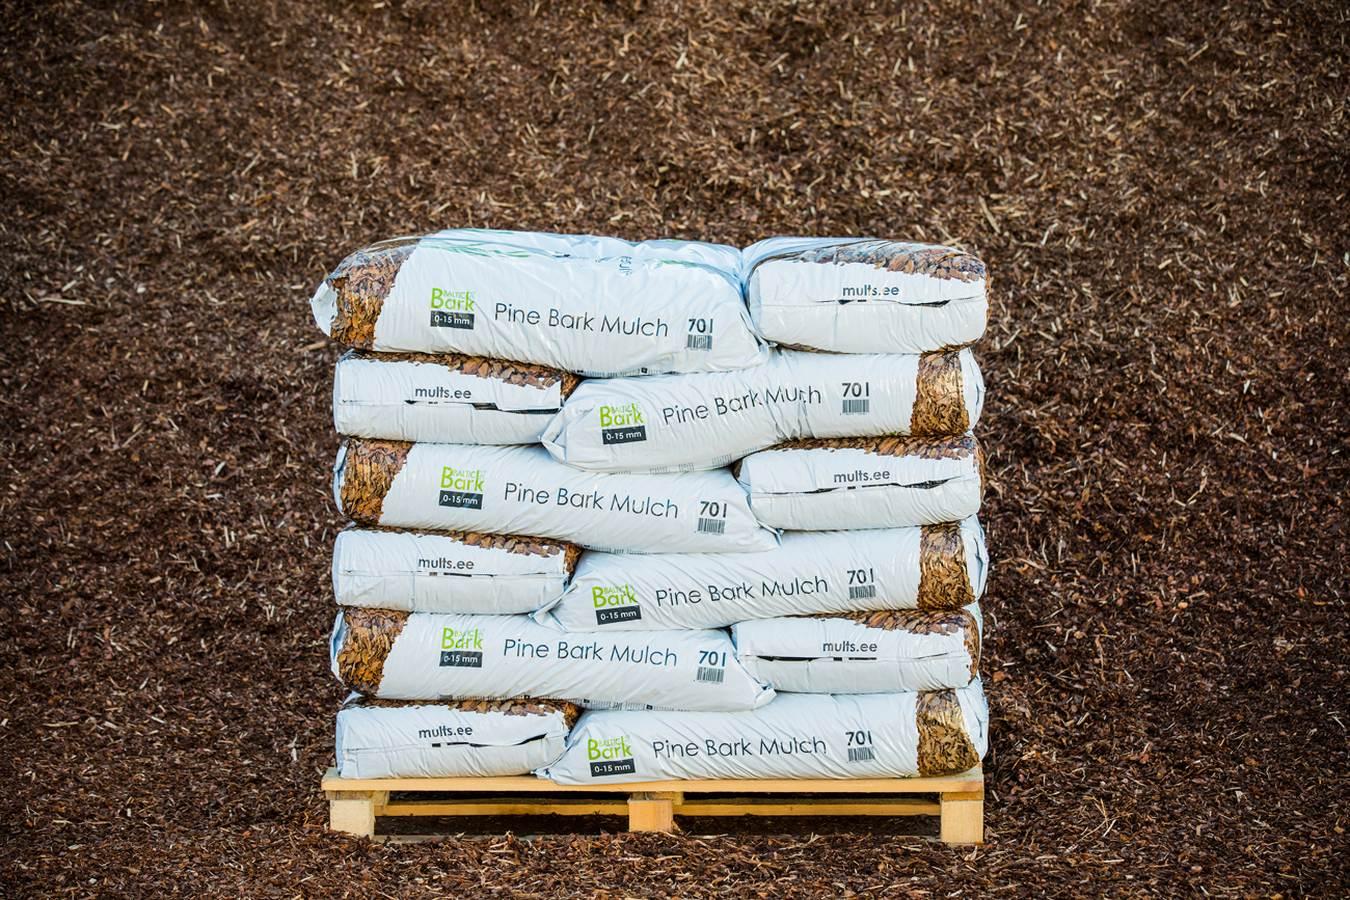 Miinimum kogus multši, mis Baltic Bark laost osta saab on 1m3 puistes või pool alust pakendatult (1,25 m³)